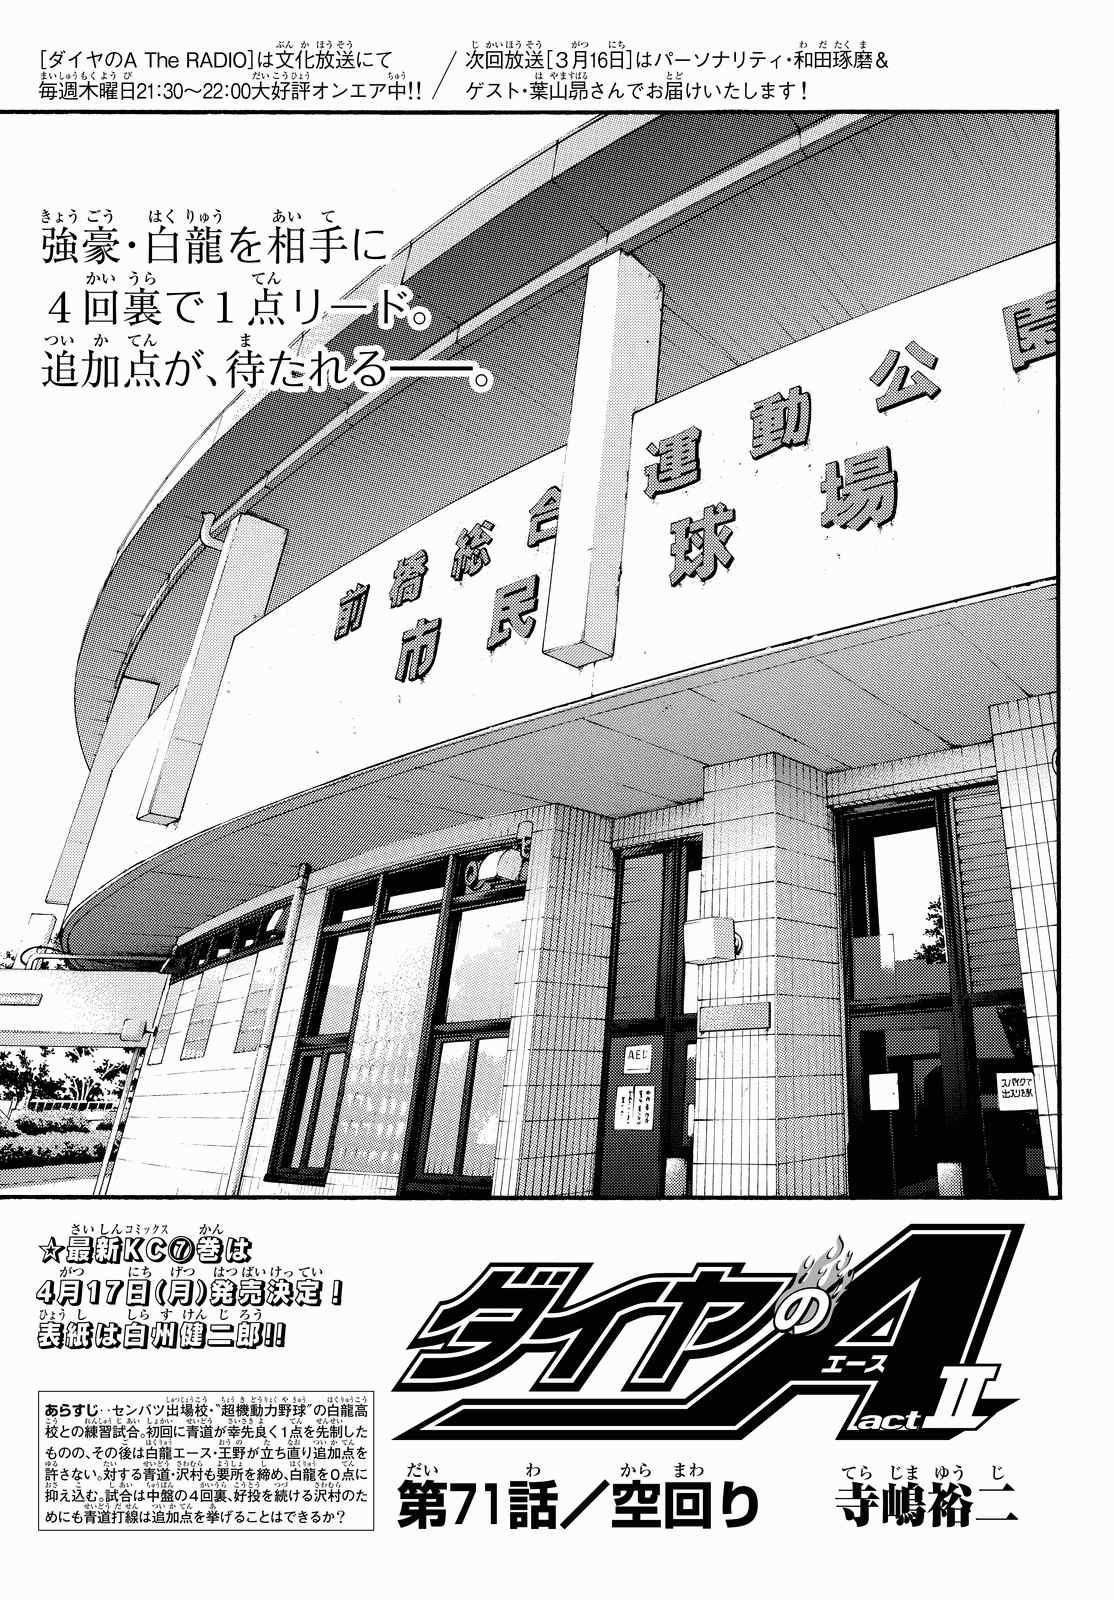 Daiya no A Act II - Chapter 071 - Page 1